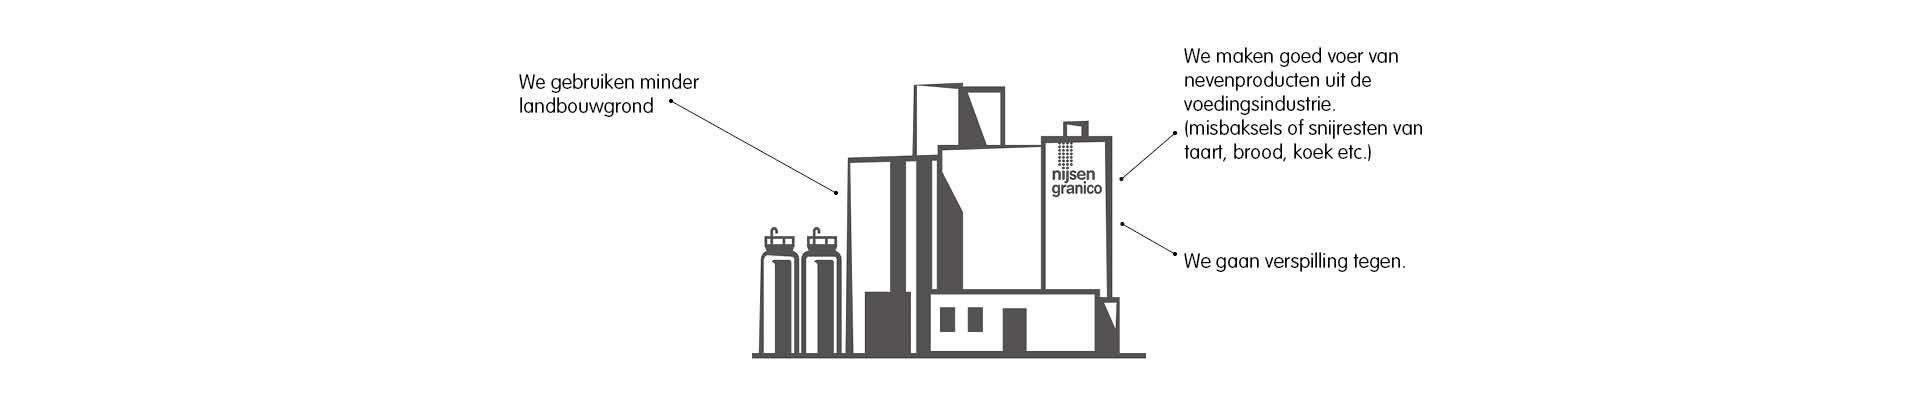 Fabriek beter voor het milieu